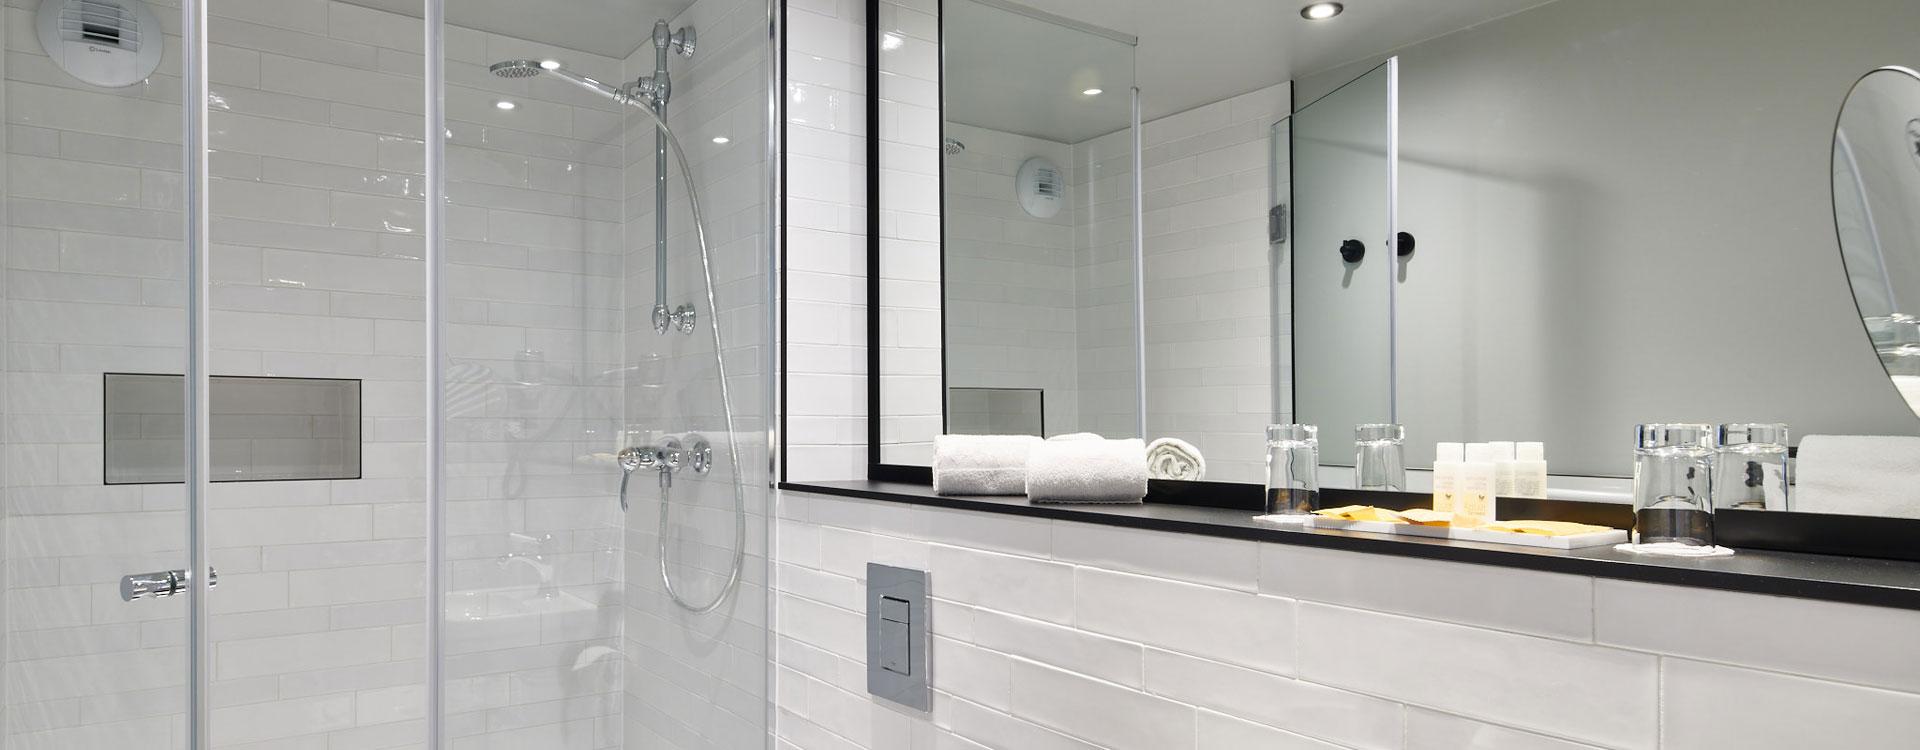 salle d eau chambre hotel provinces opera paris